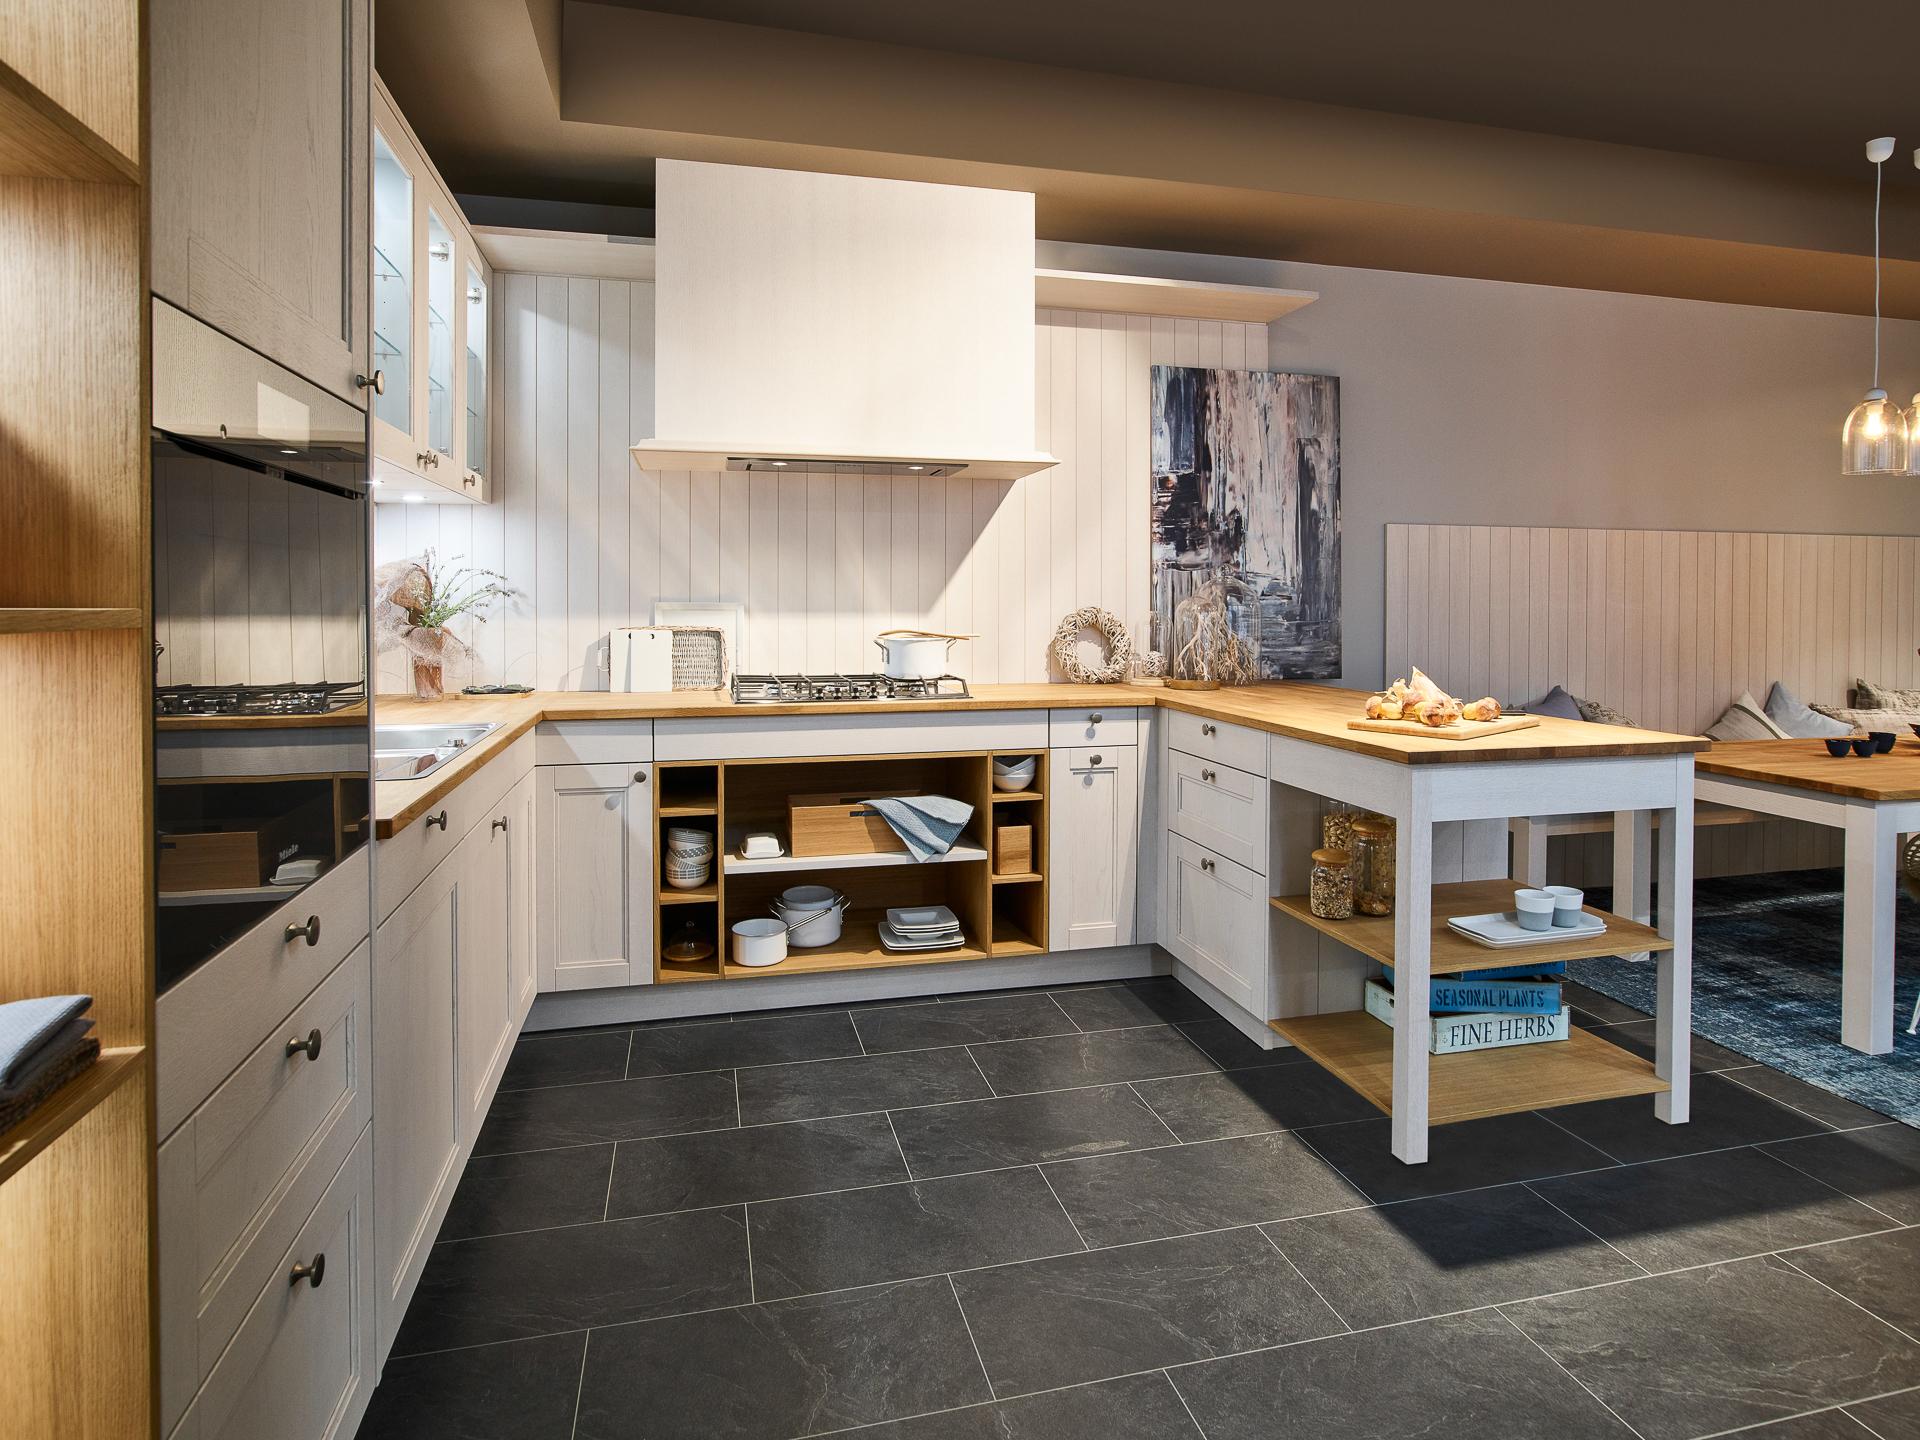 Full Size of Landhaus Küche Kaufen Hängeschrank Landhaus Küche Moderne Landhaus Küche Landhaus Küche Nolte Küche Landhaus Küche